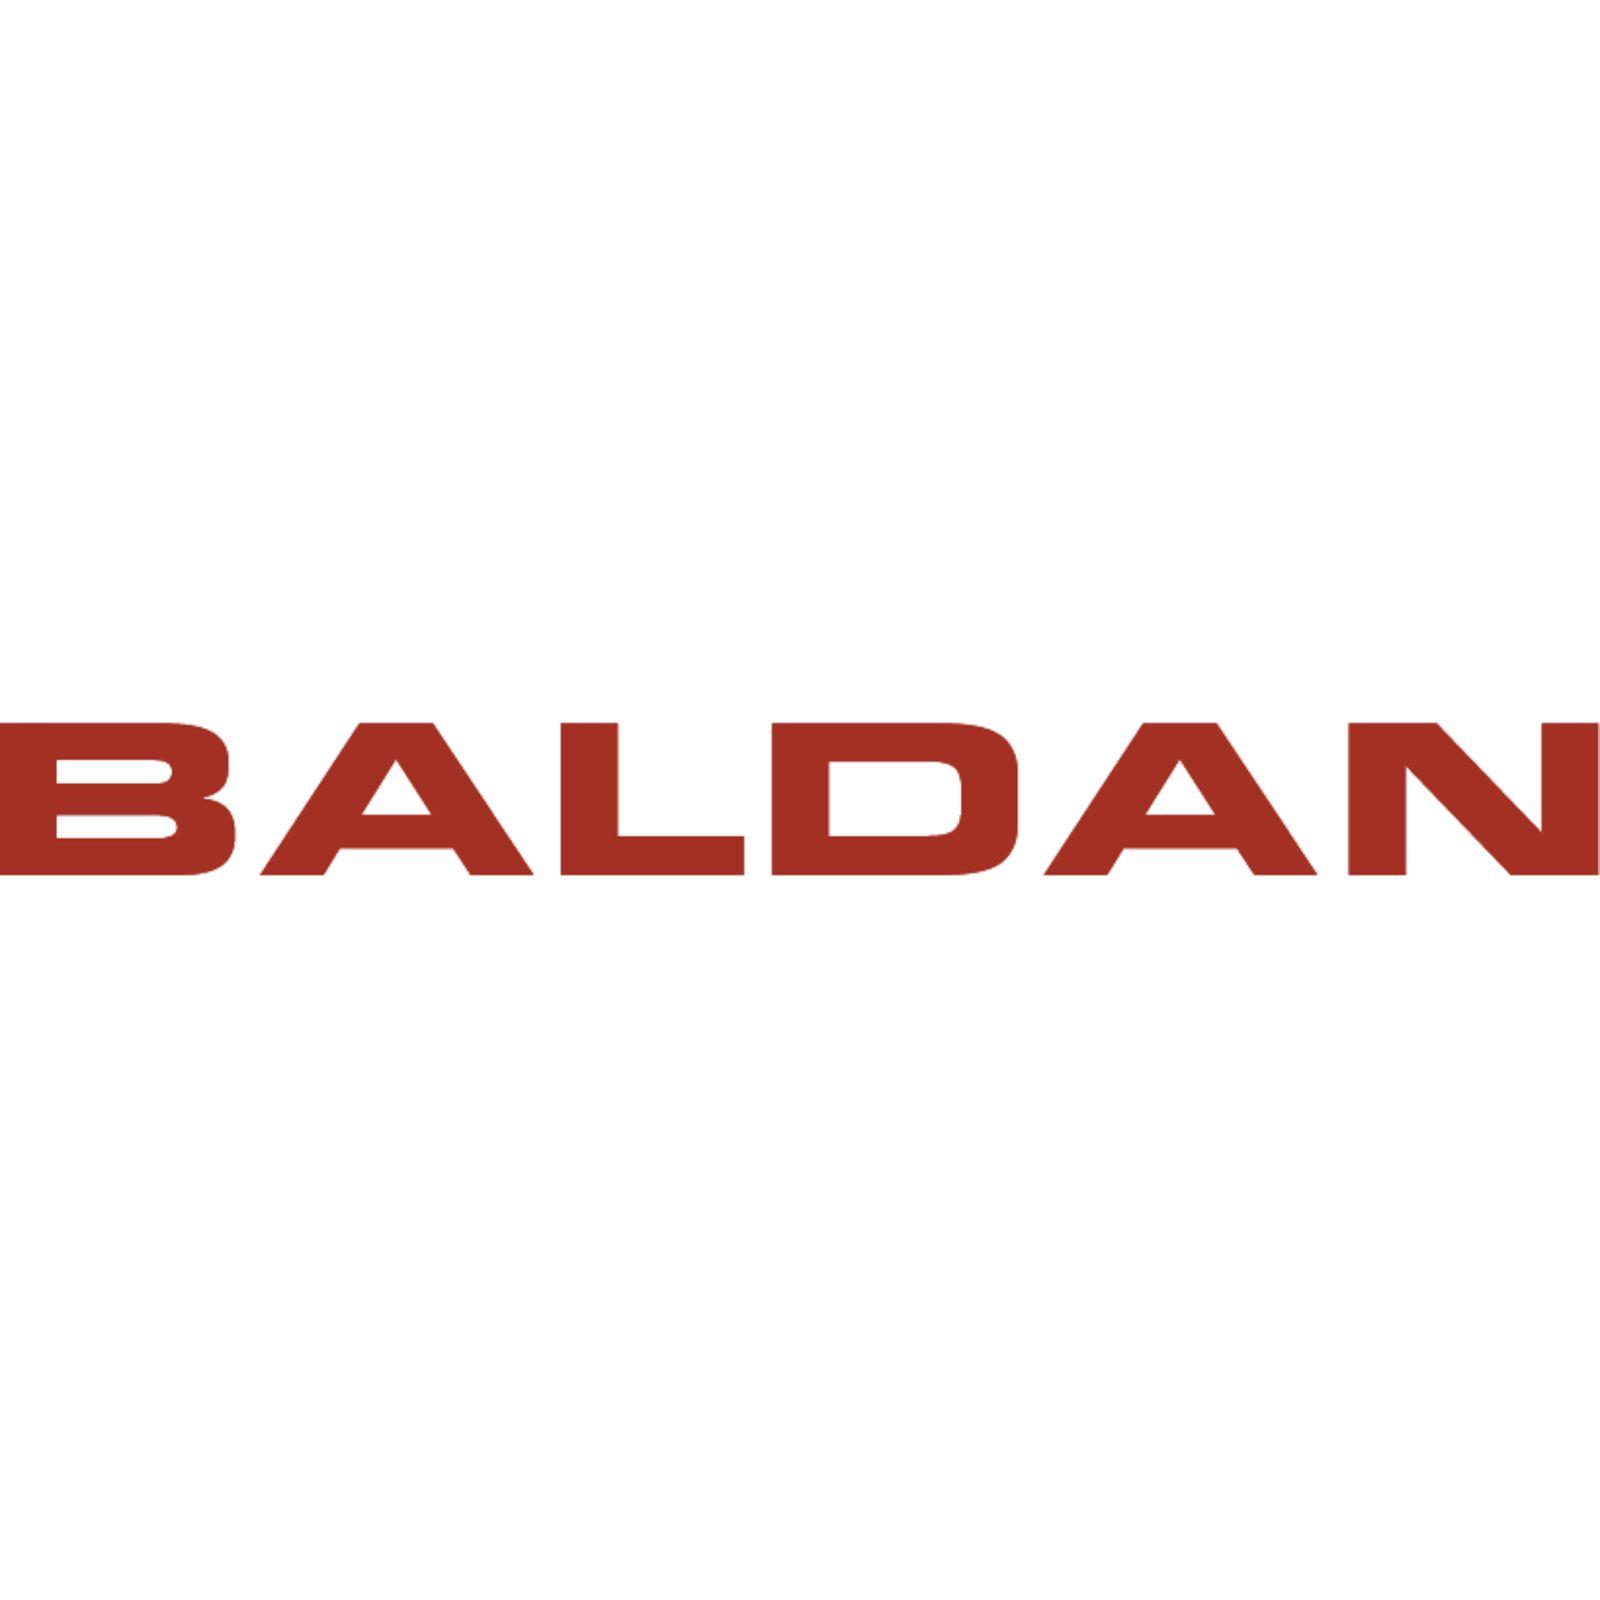 BALDAN (Bild 1)